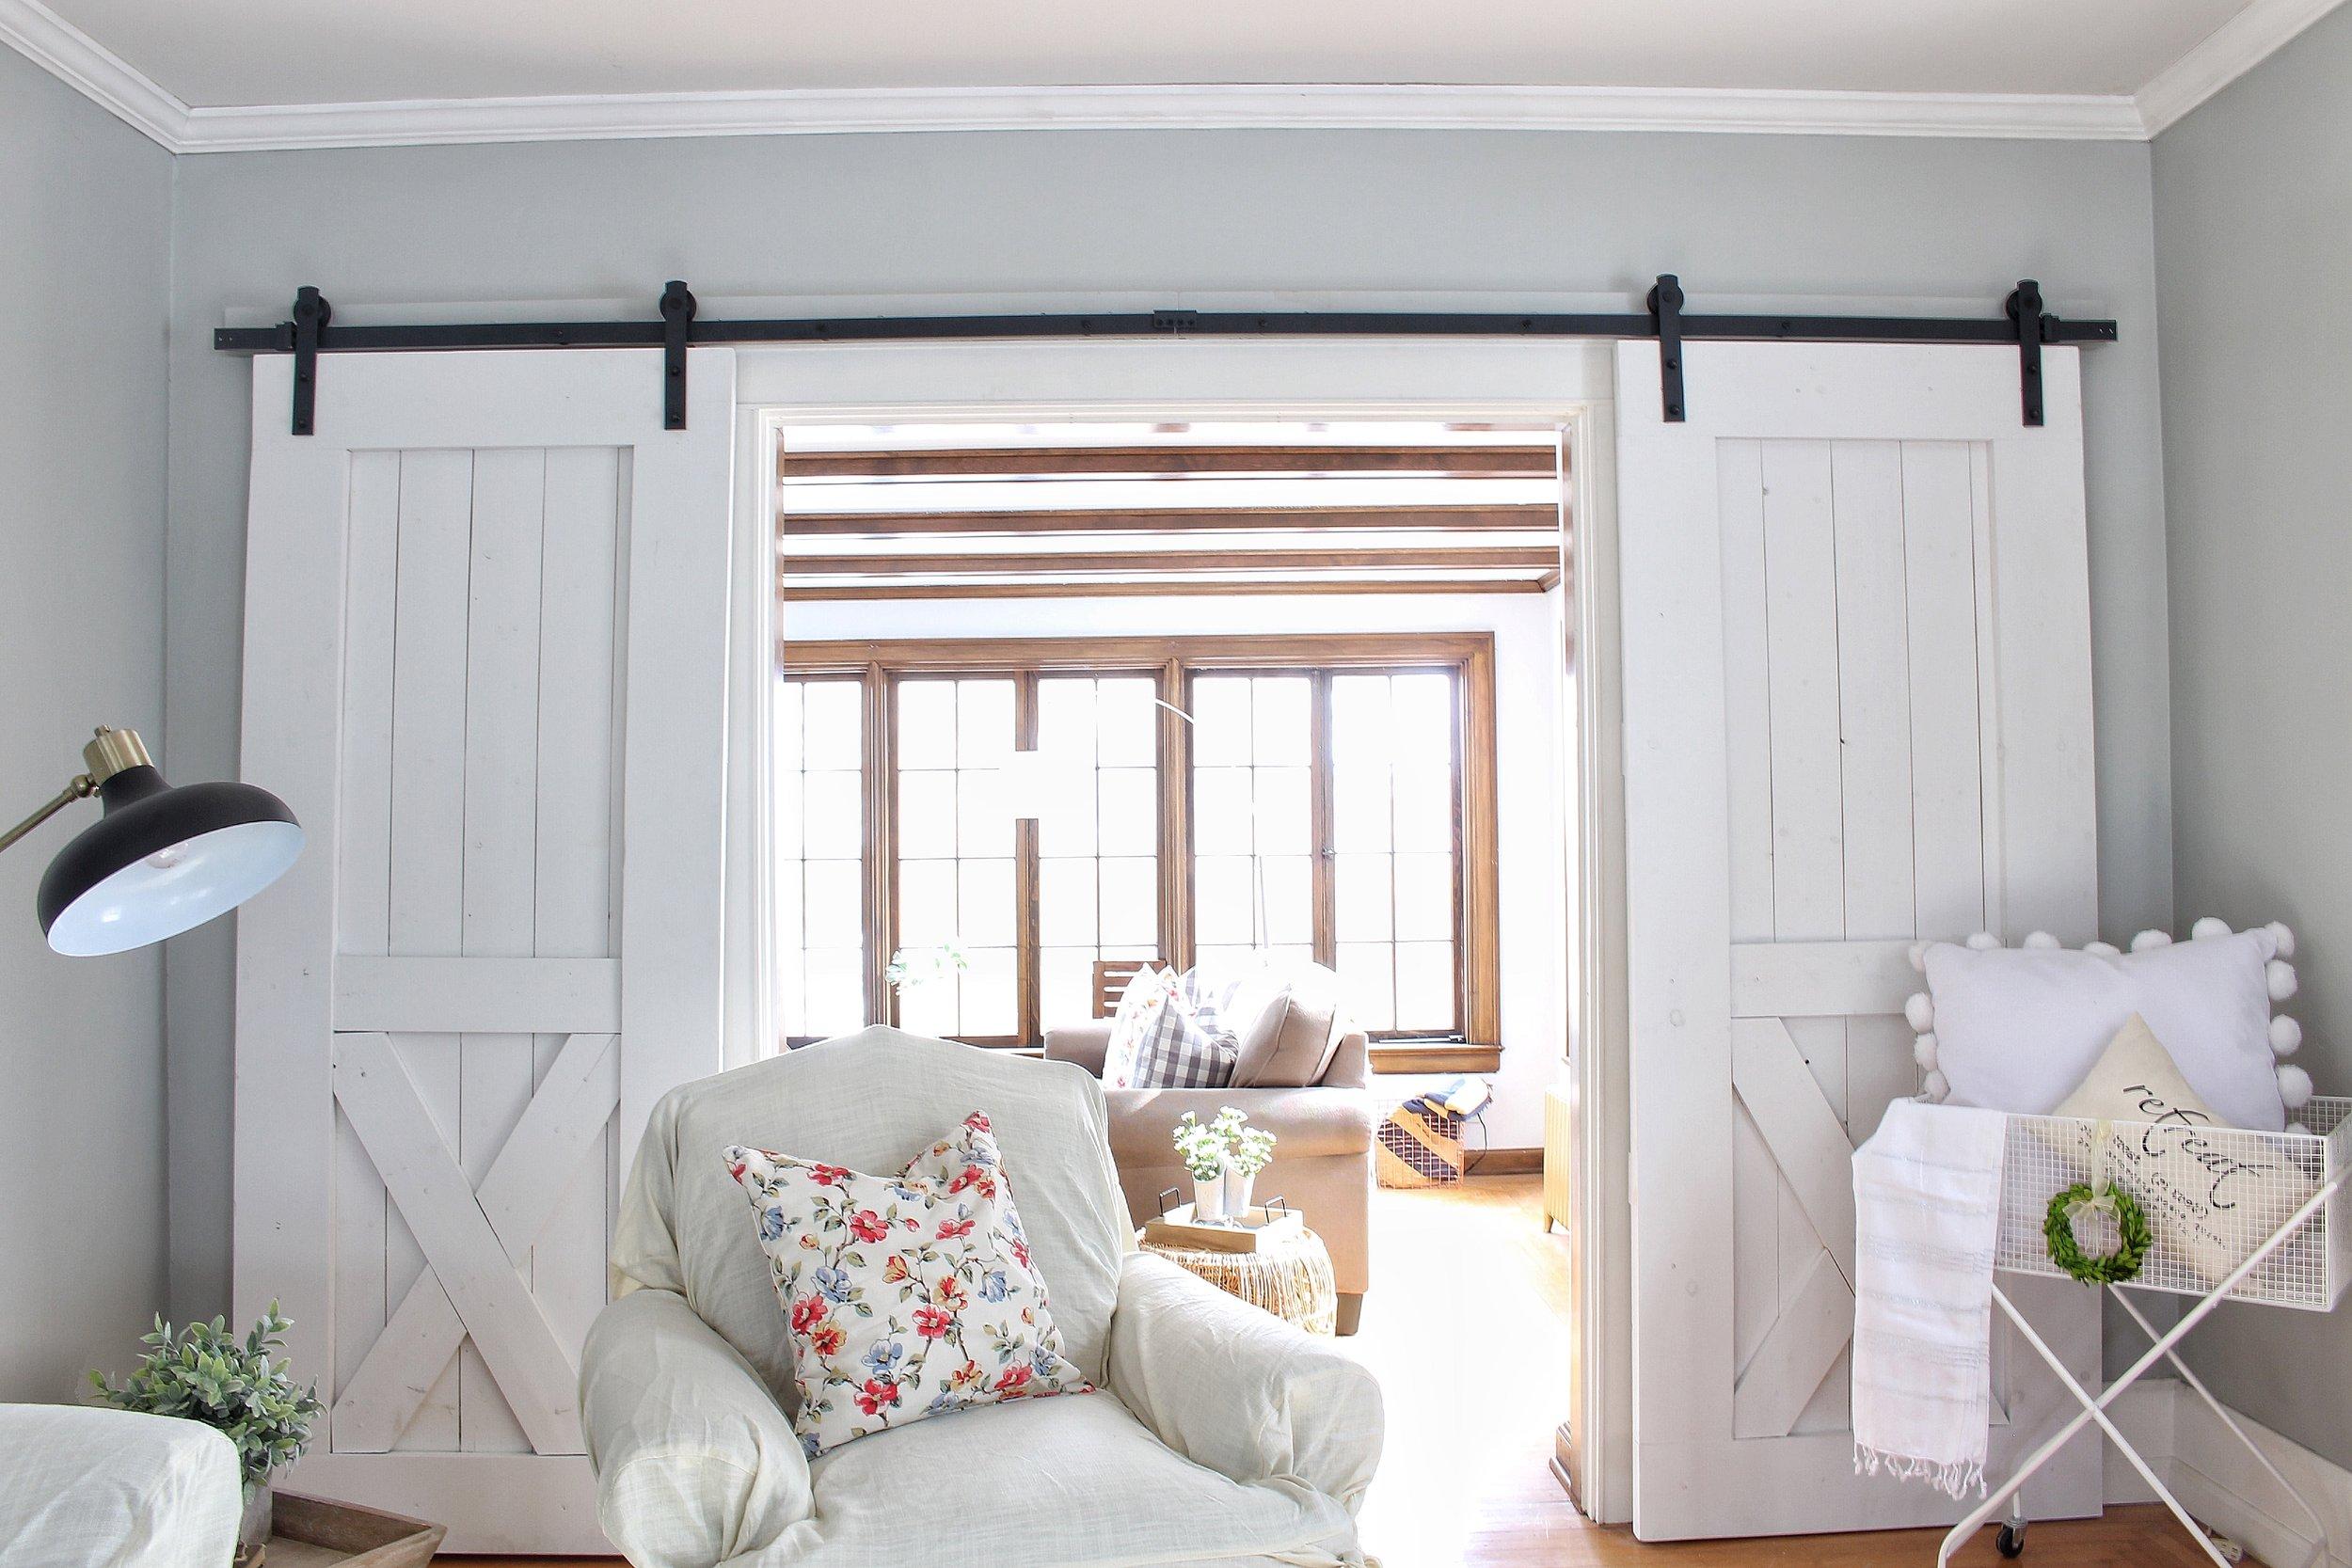 Sliding barn doors open